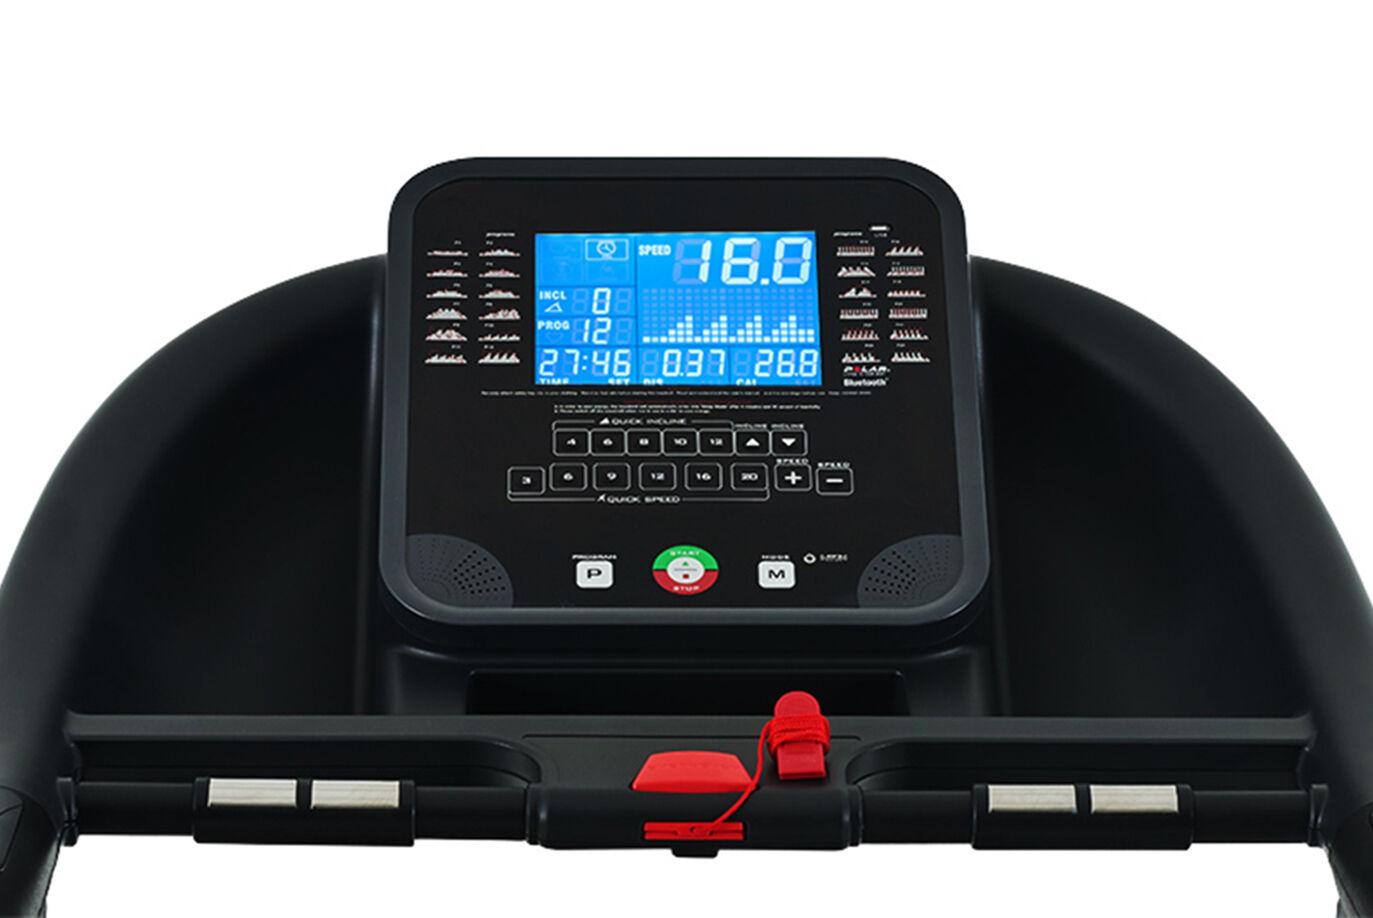 Gym Treadmill Monitor